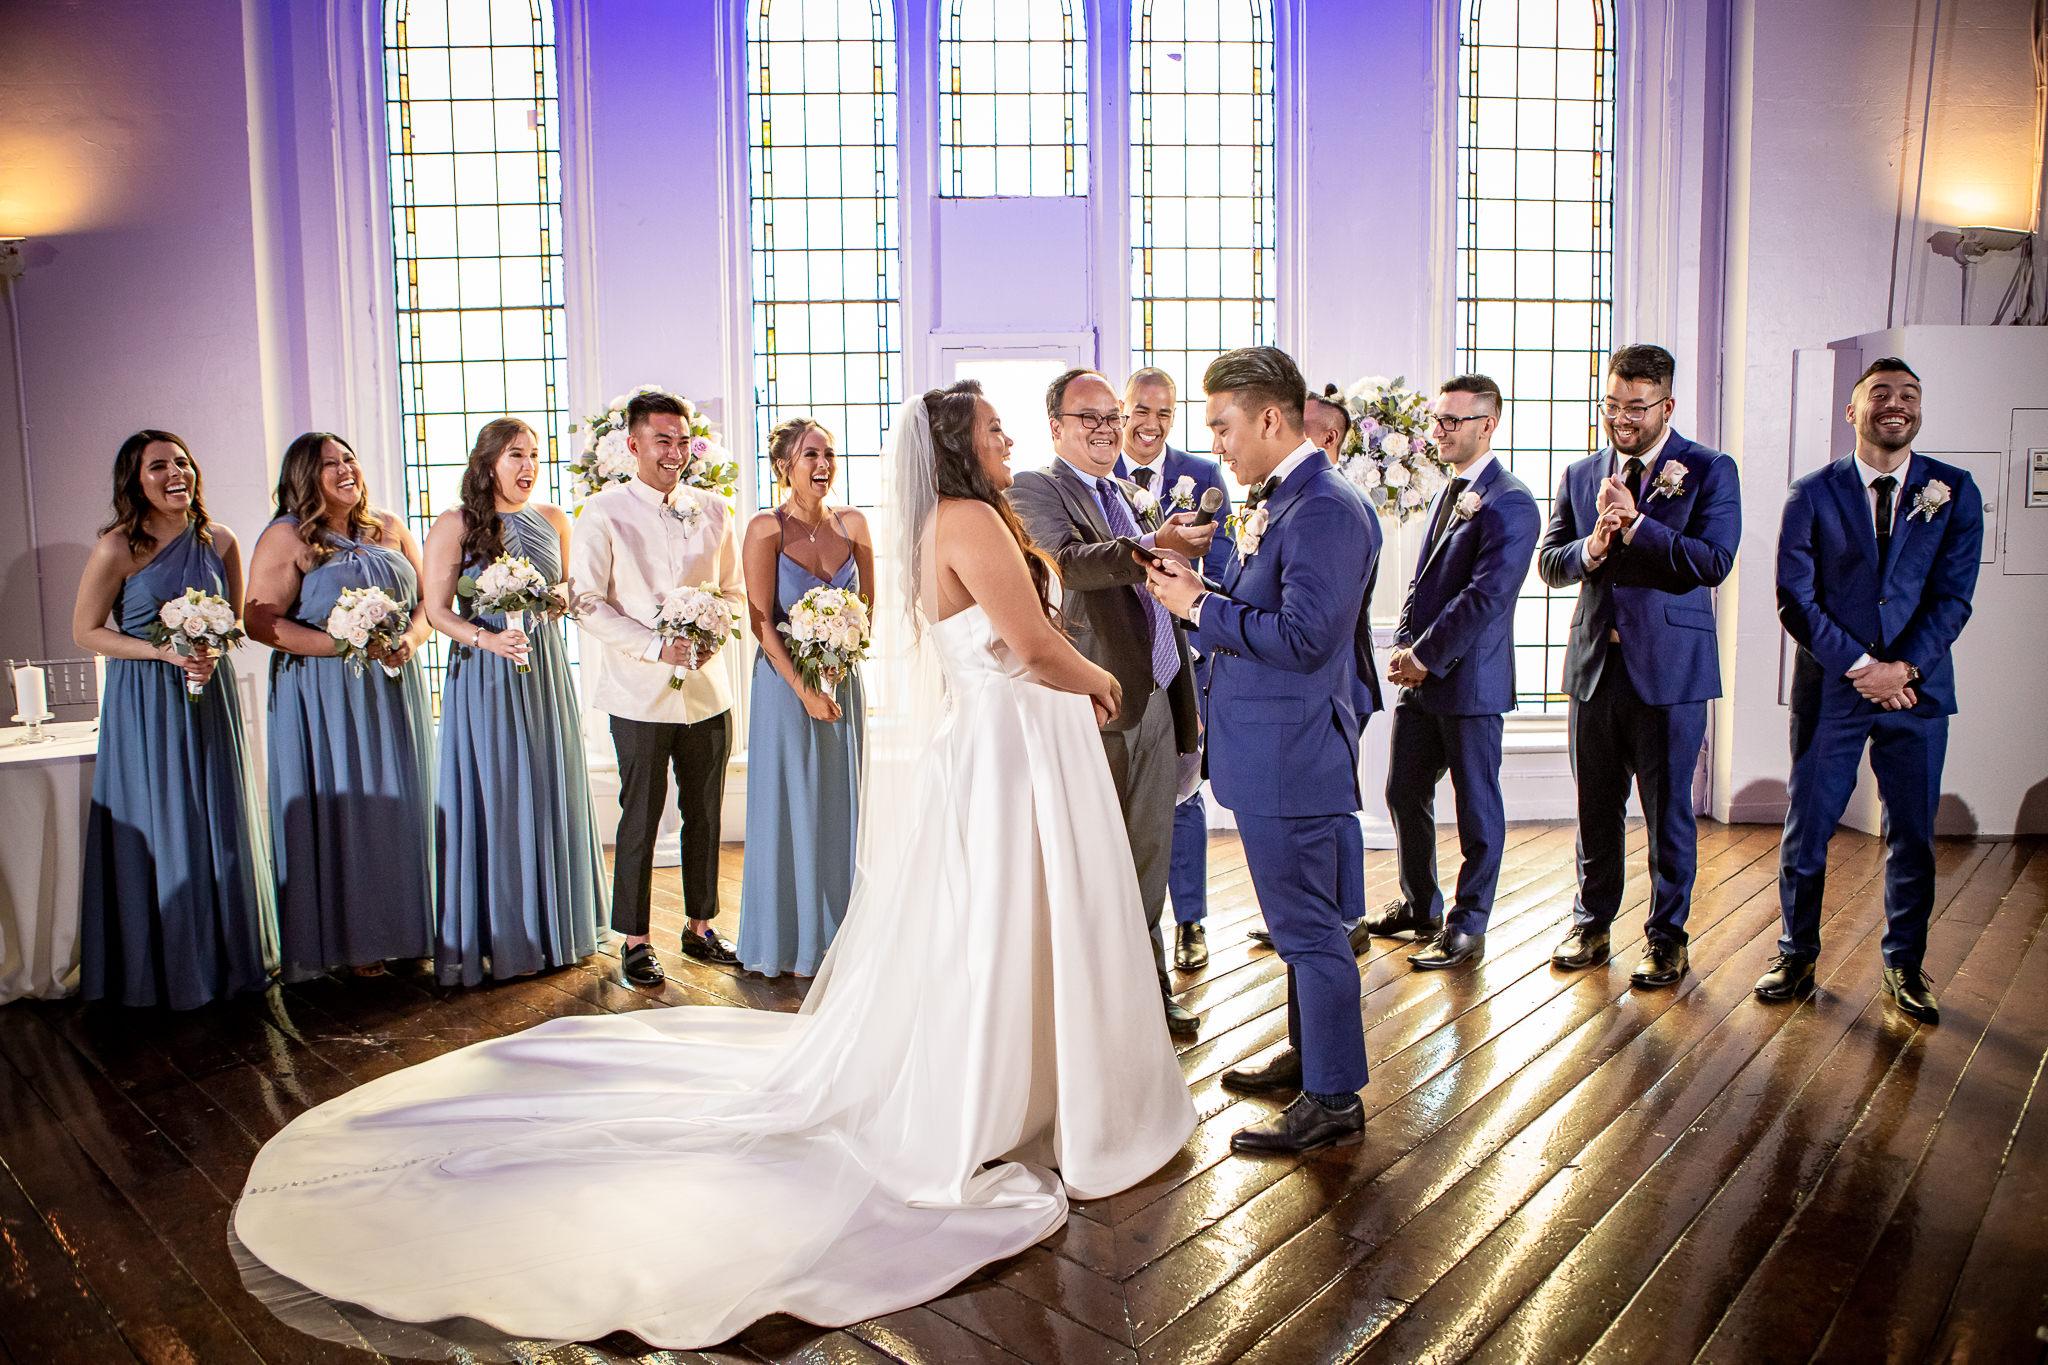 berkeley-wedding-photos-49.jpg